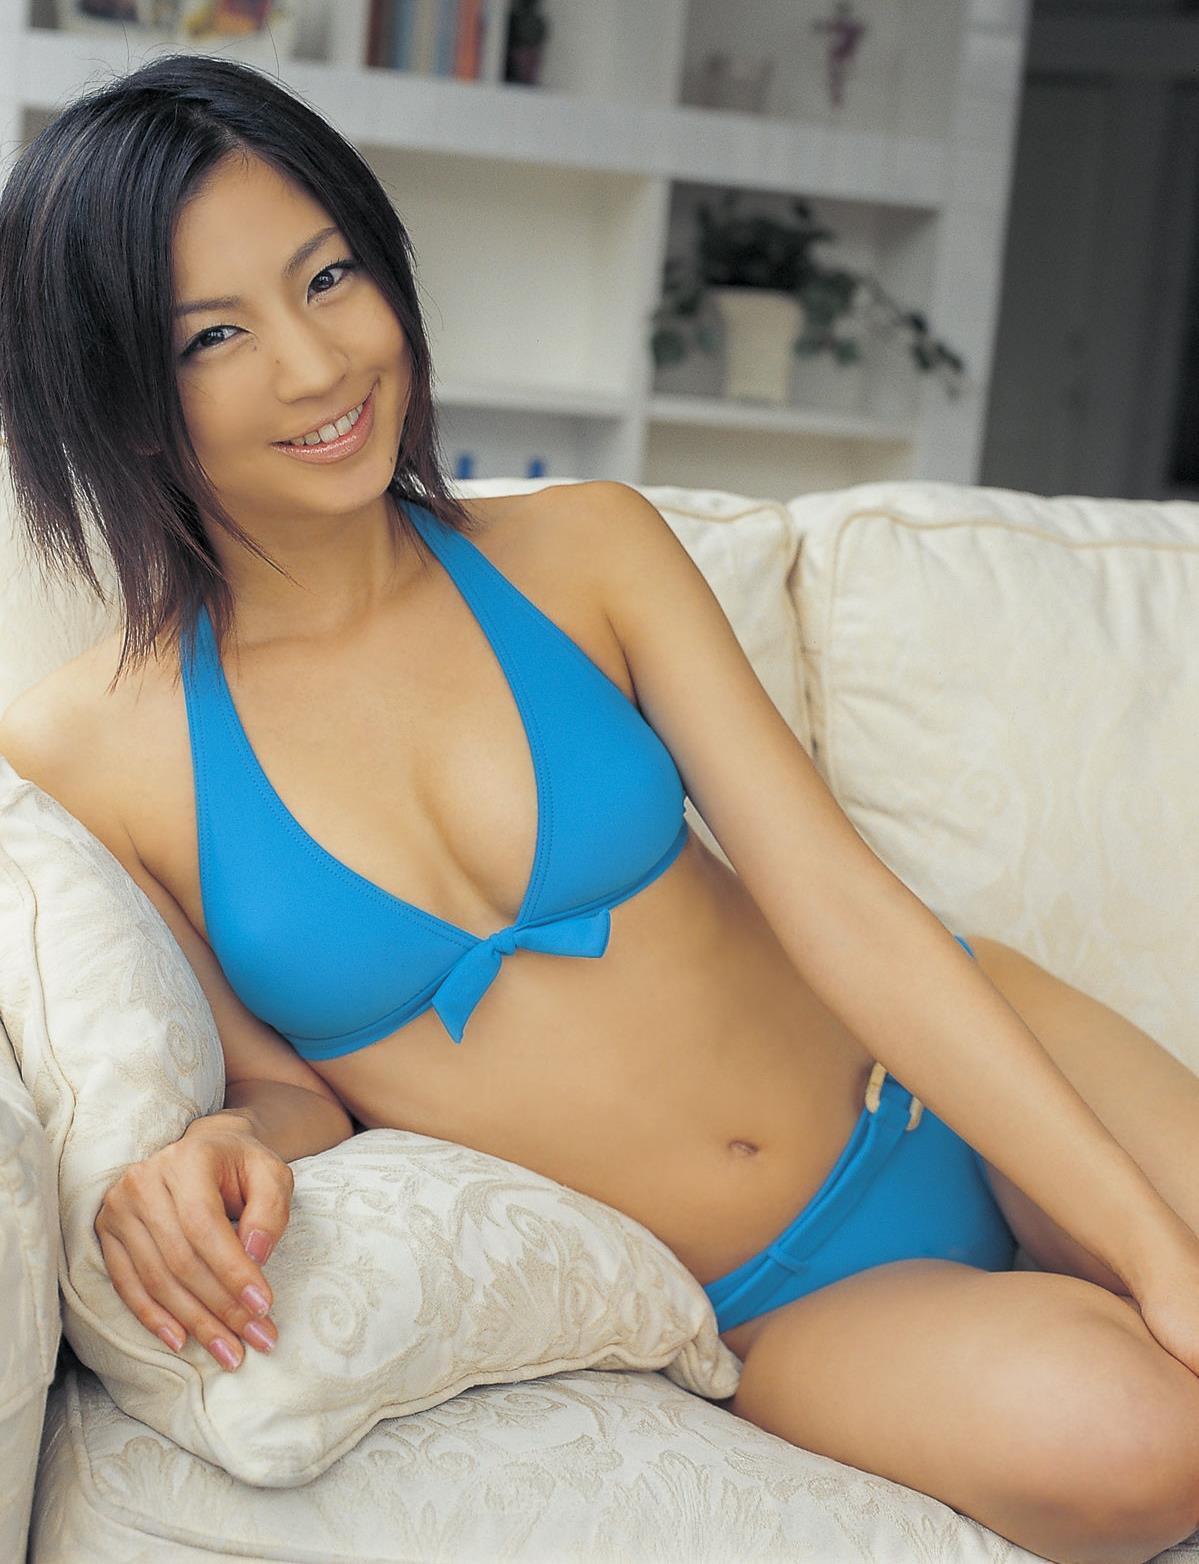 安田美沙子 画像 41